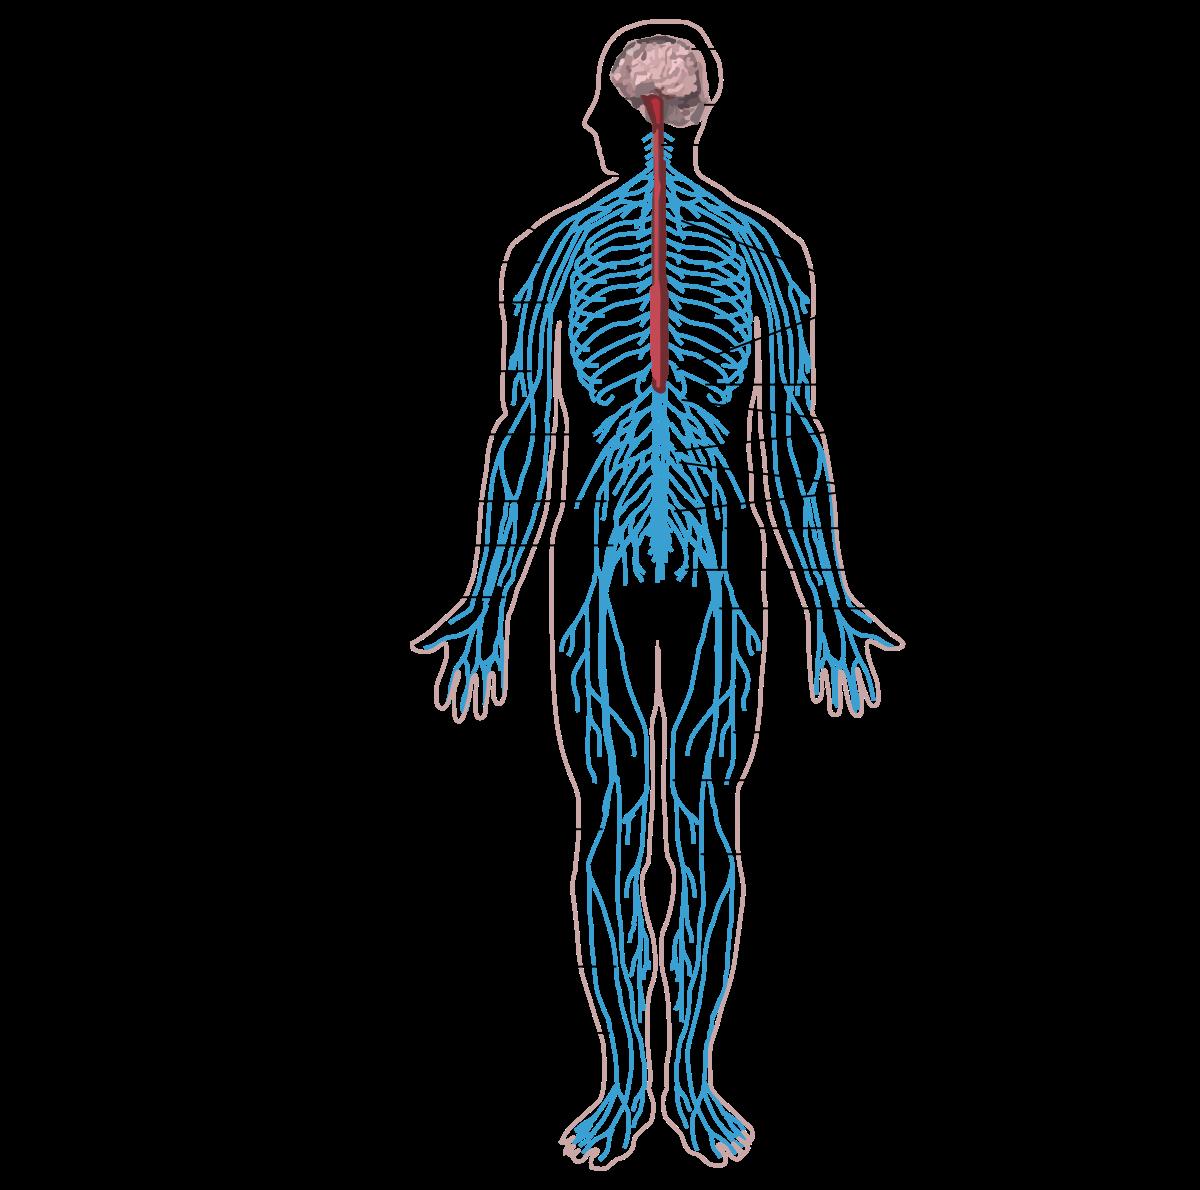 A galandférgesség tünetei és kezelése A paraziták megelőzése az emberi test gyógyászatában